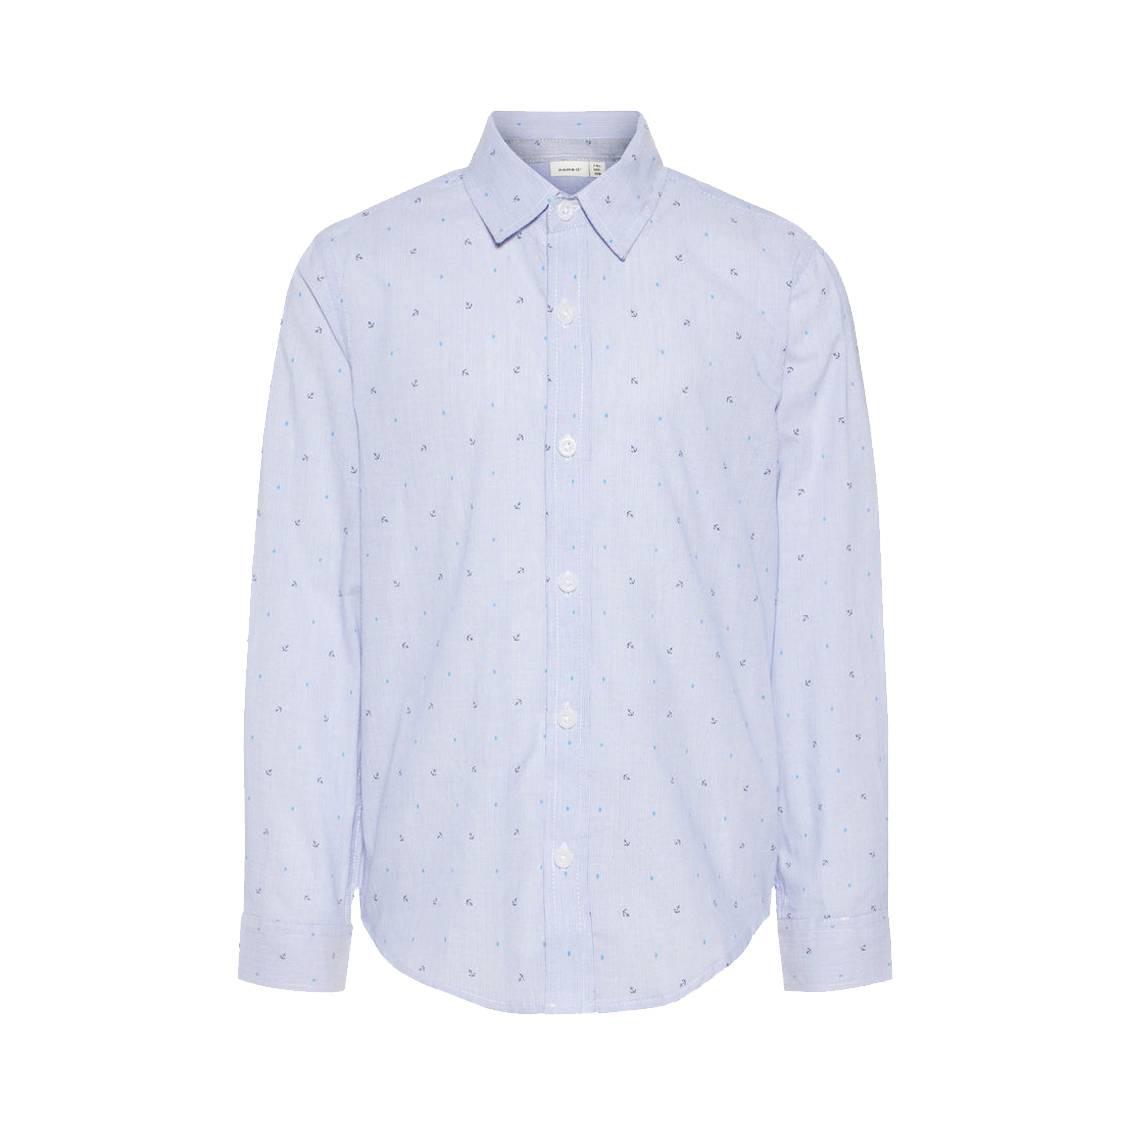 Chemise  nkmias en coton bleu rayé à imprimé à ancres et pois